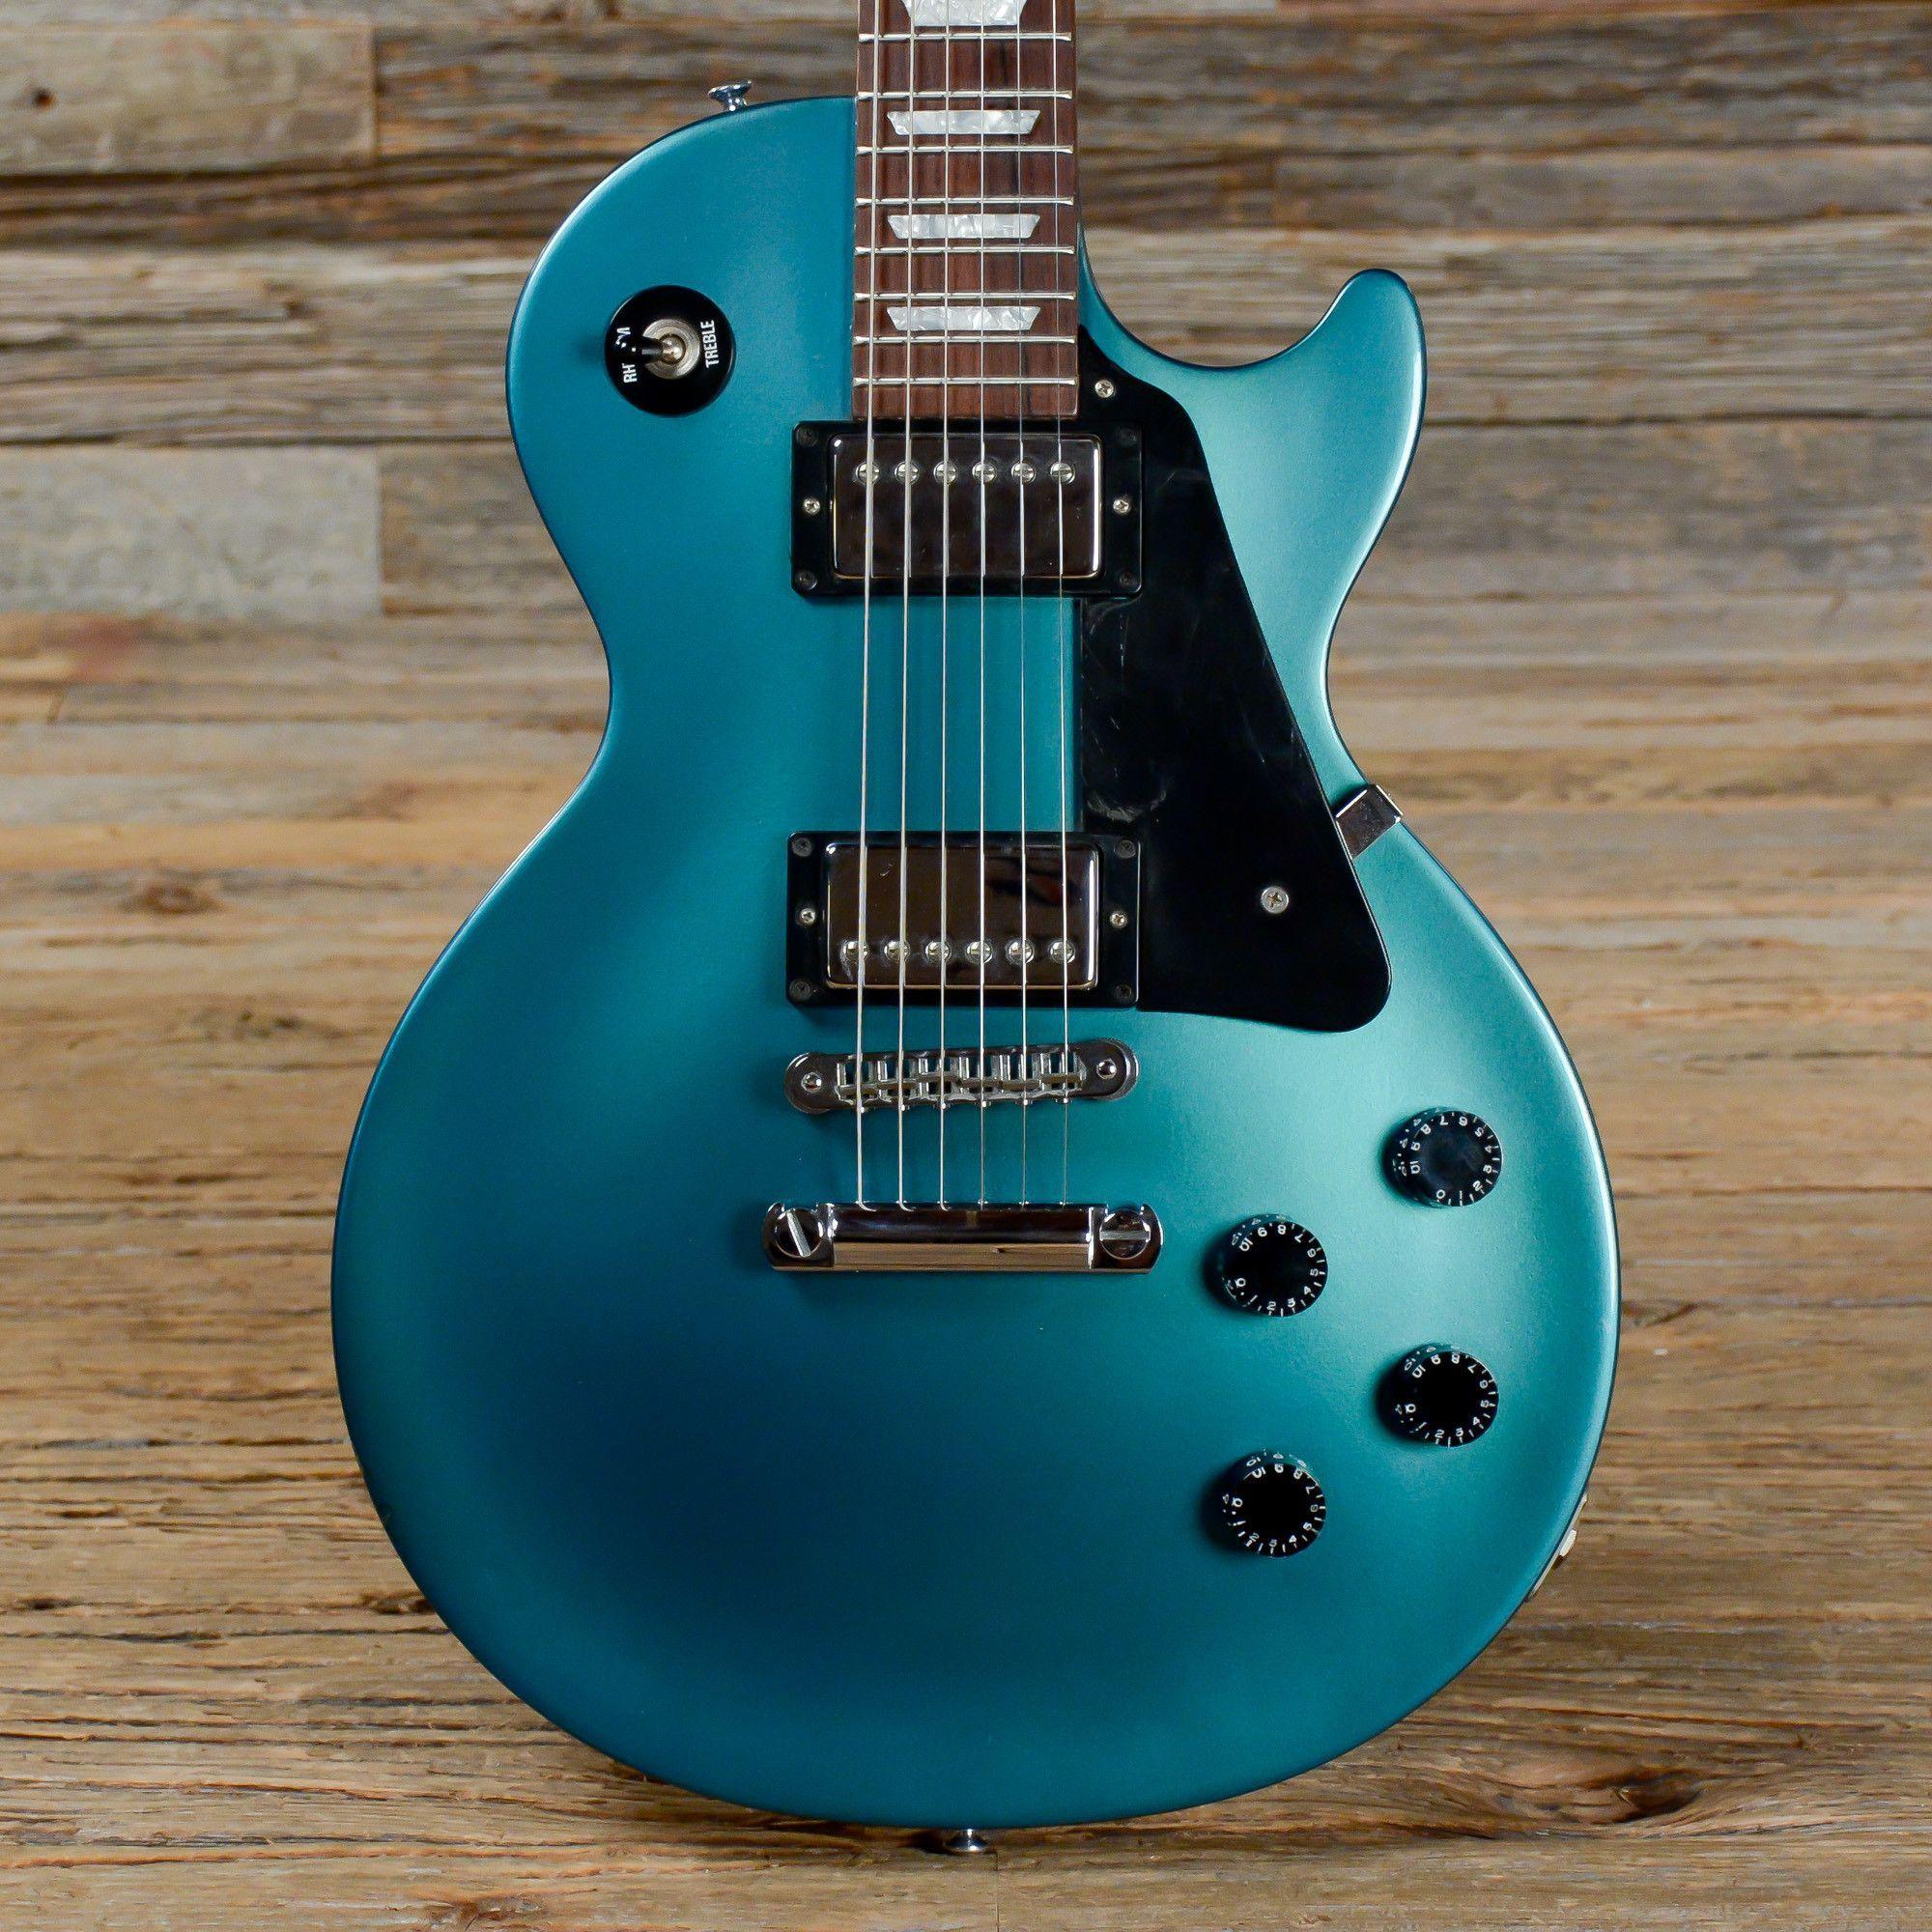 94295670c9c1 Gibson Les Paul Studio Blue Teal Flip Flop 2001